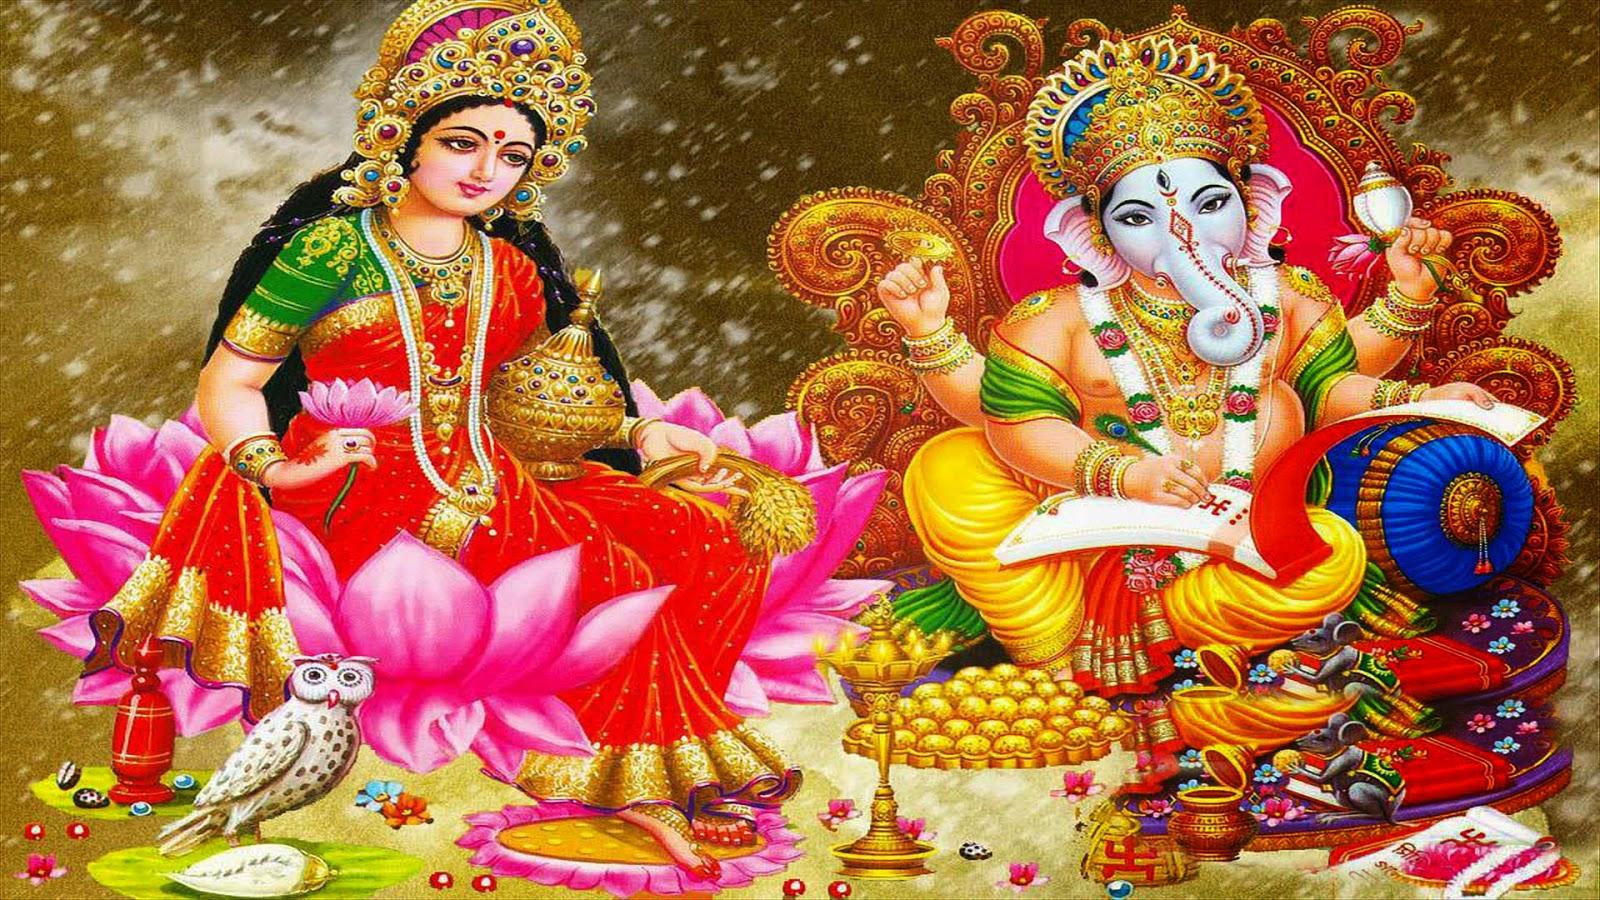 goddess laxmi & lord ganesh image